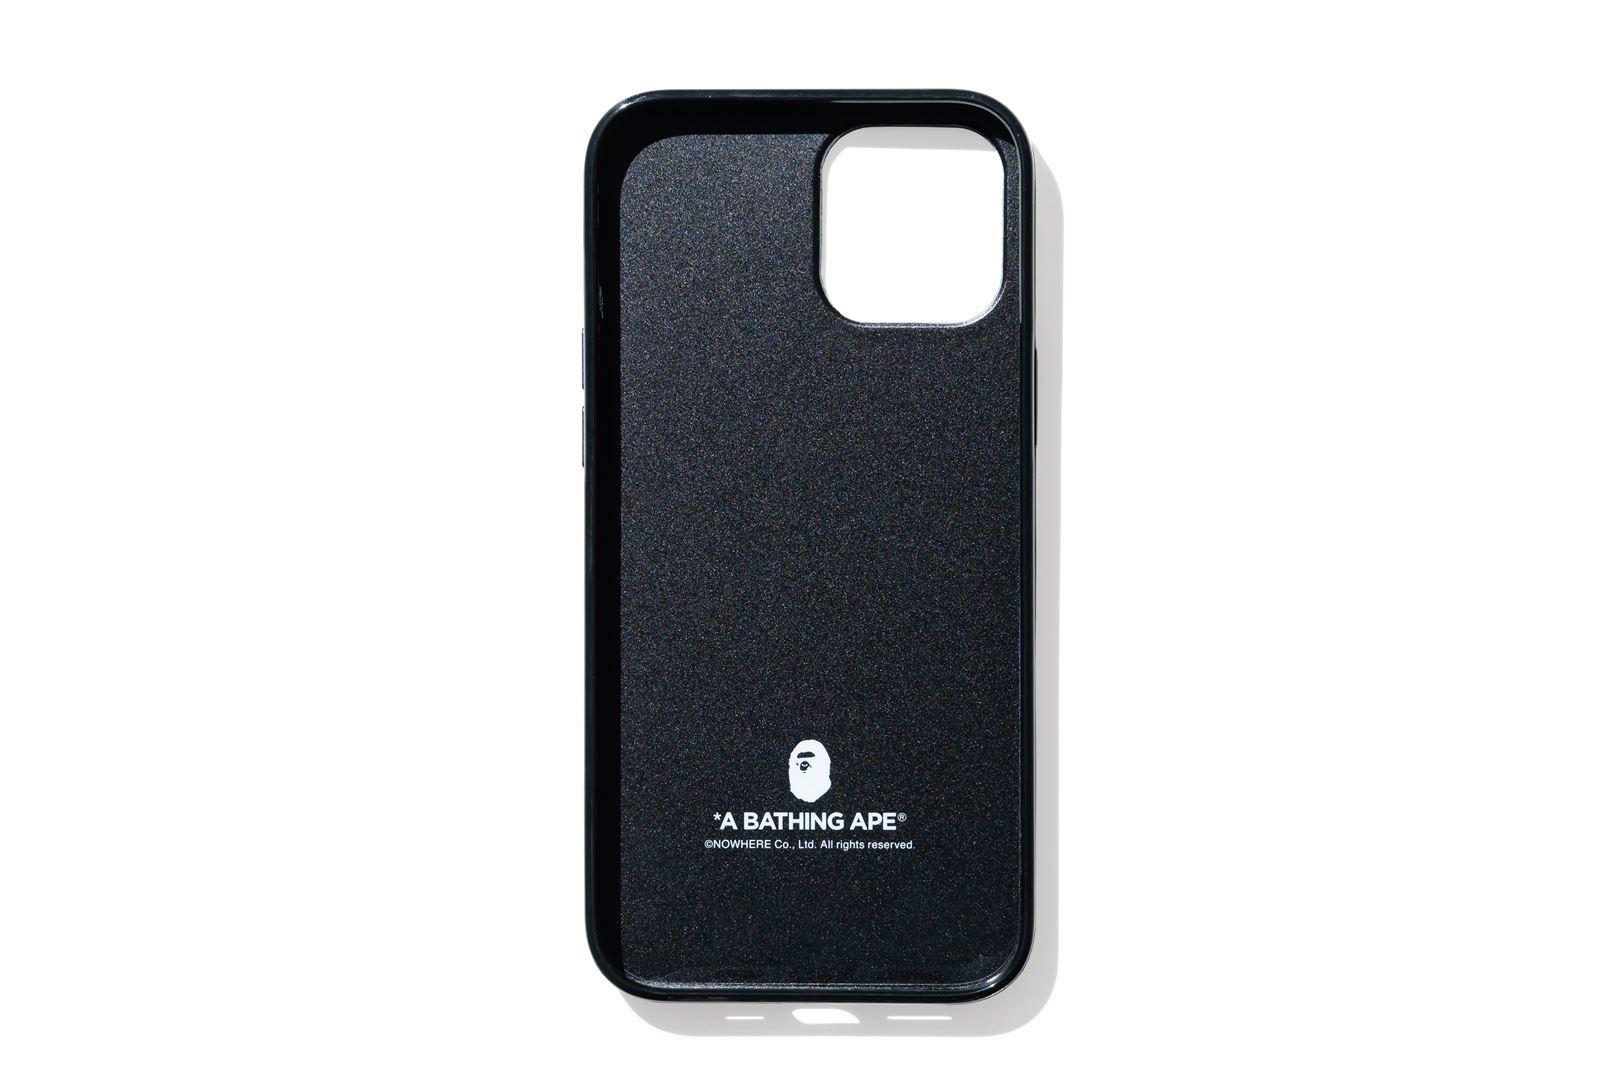 ABC CAMO iPhone 12 / 12 PRO / 12 PRO MAX / 12 MINI CASE_a0174495_12004834.jpg